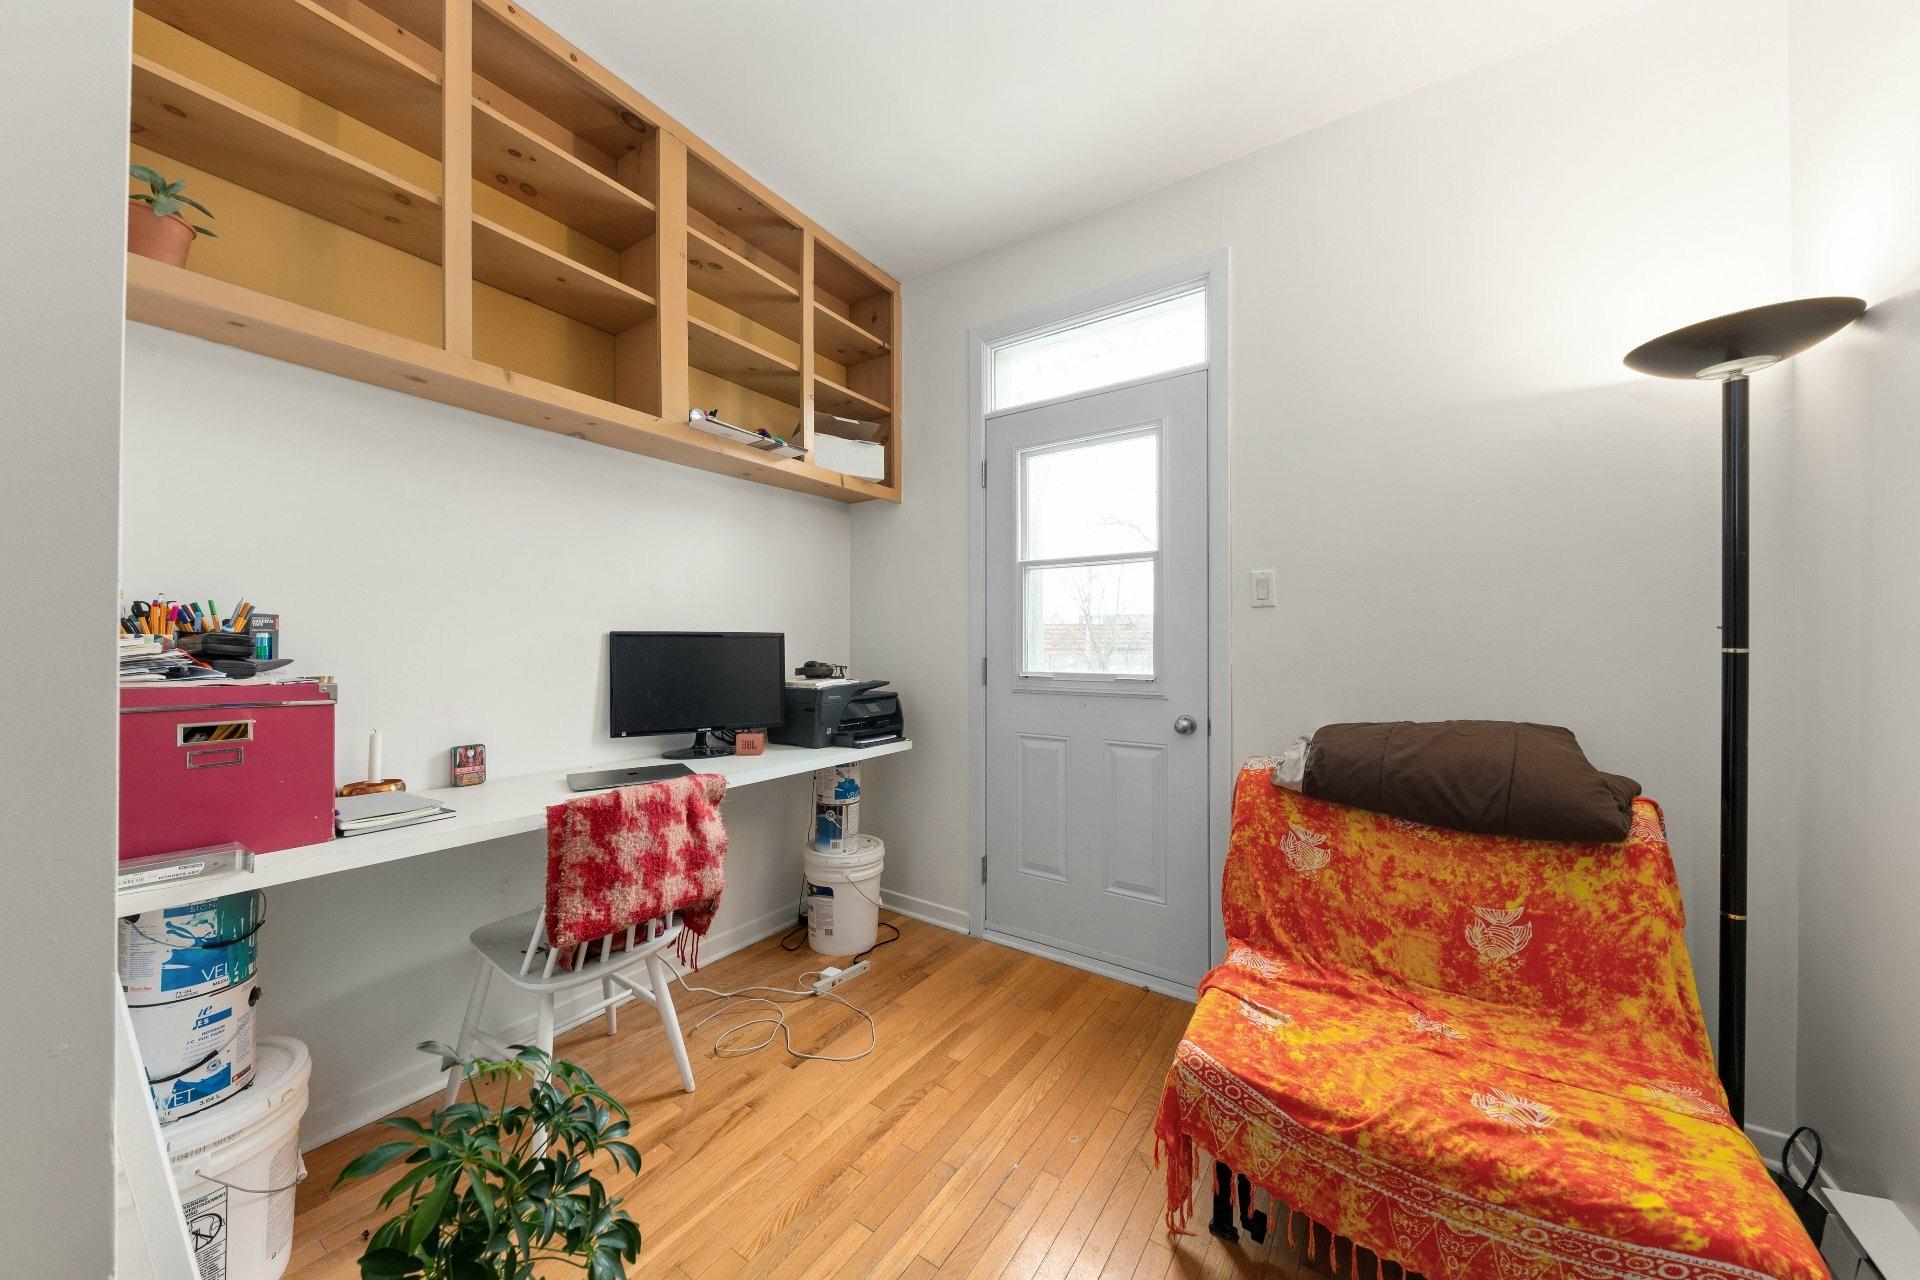 image 34 - Duplex For sale Le Plateau-Mont-Royal Montréal  - 5 rooms